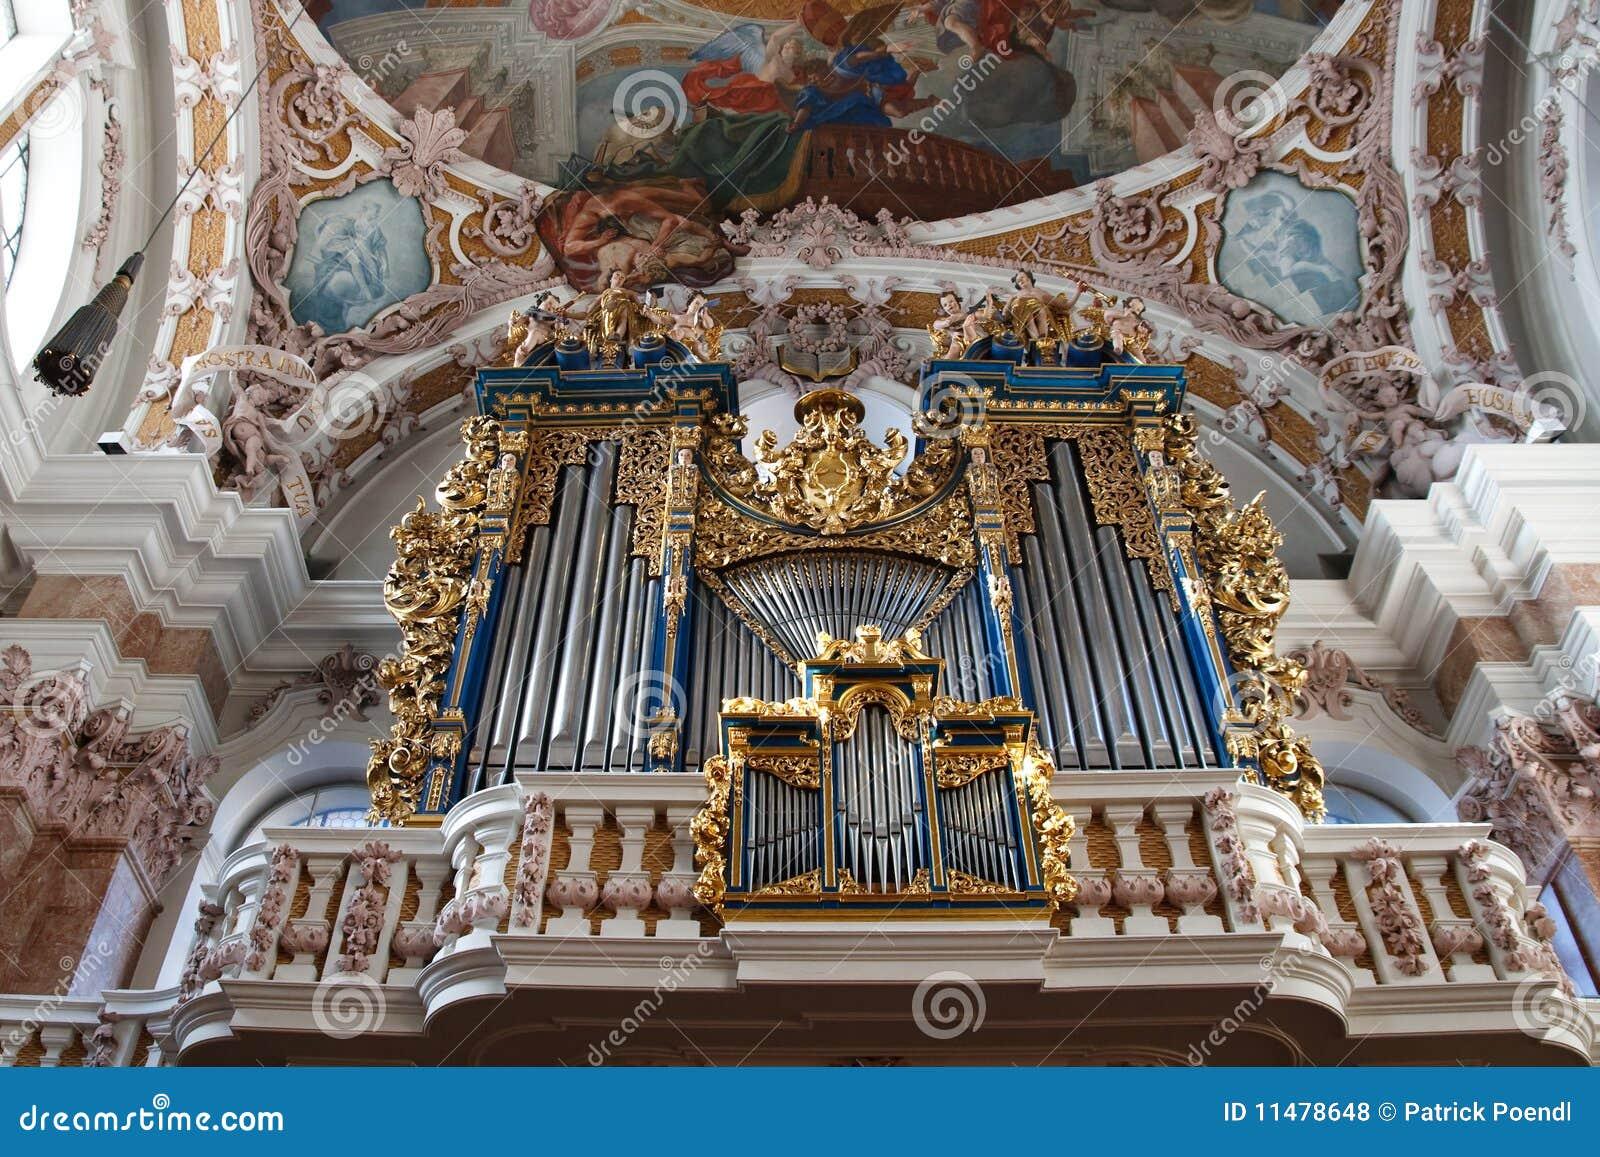 Rococo vs Baroque in Architecture and Design  Dengarden